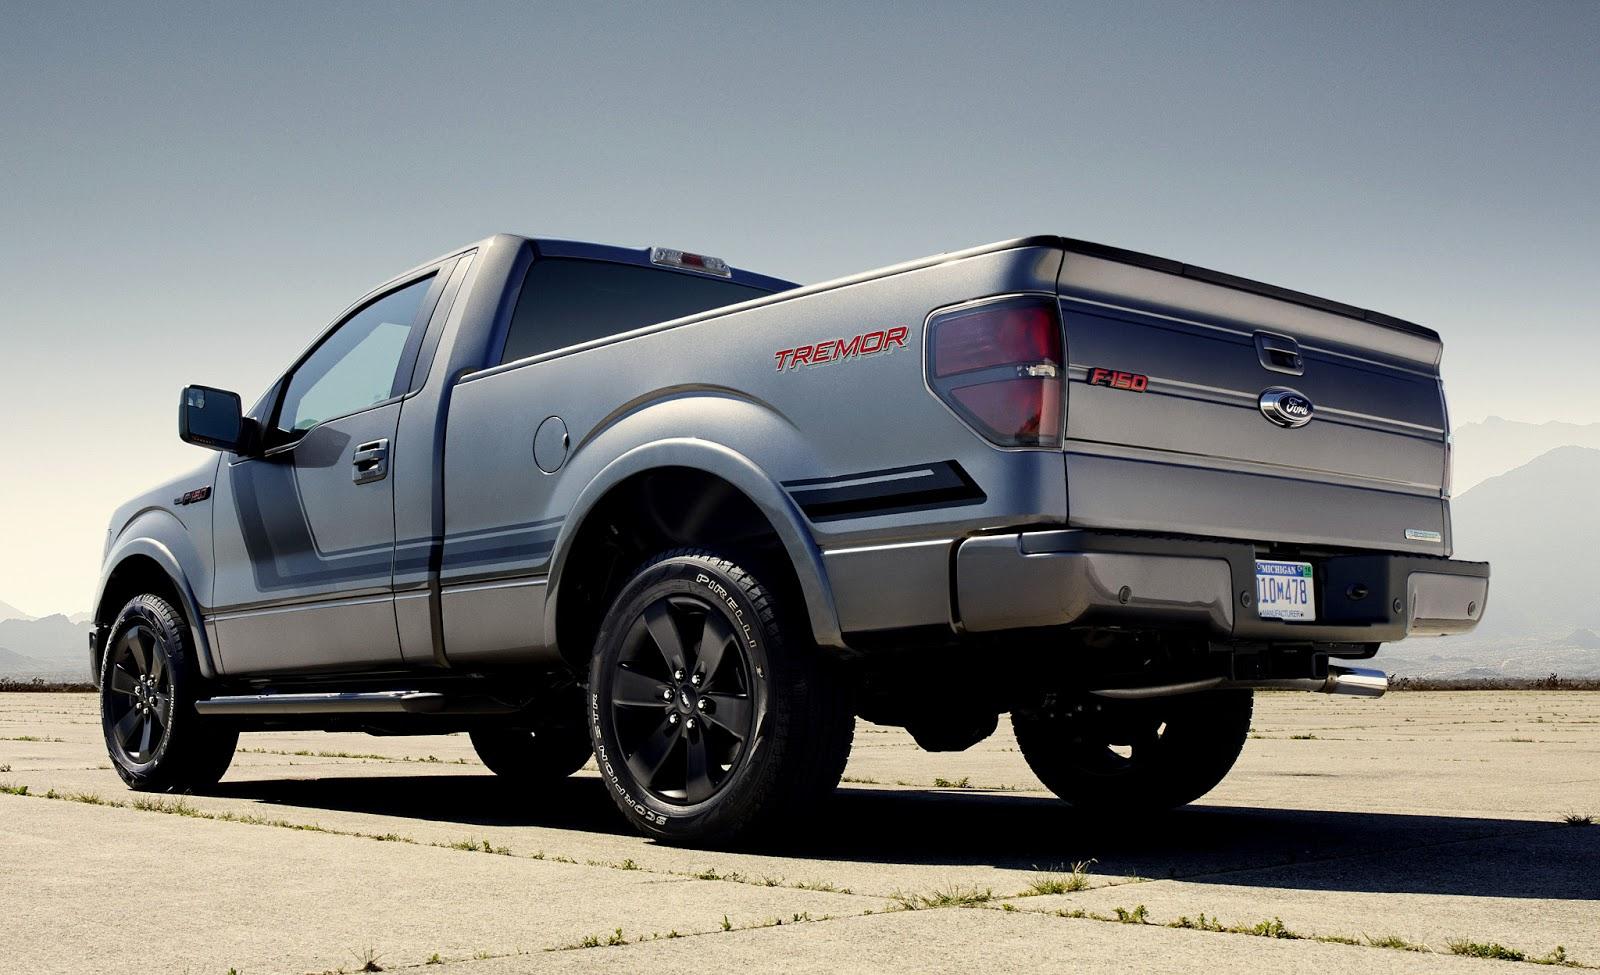 2014 ford f150 tremor the ecoboost sport truck. Black Bedroom Furniture Sets. Home Design Ideas